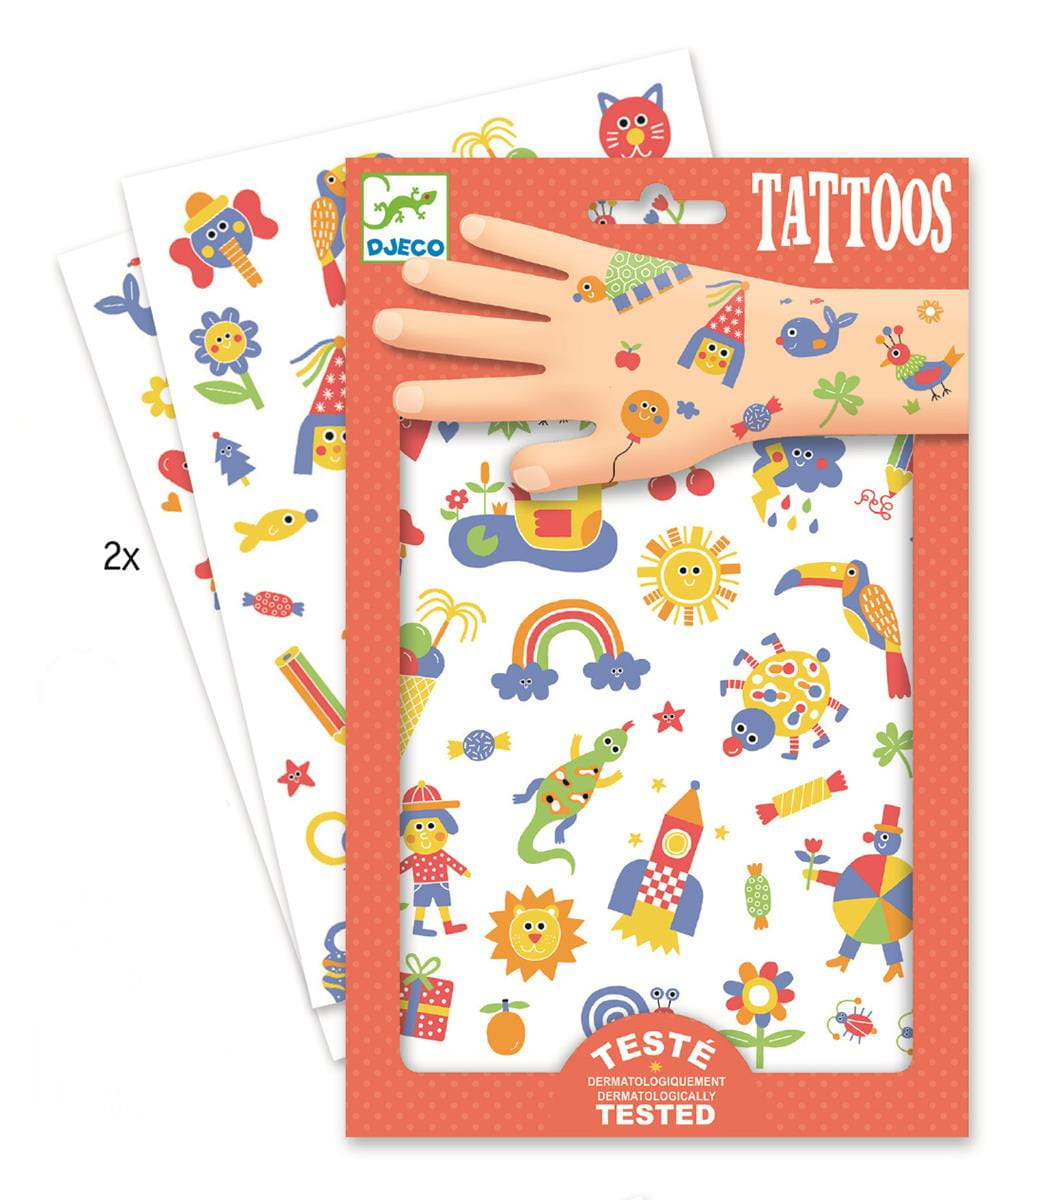 Tatuaże Słodziaki | Djeco